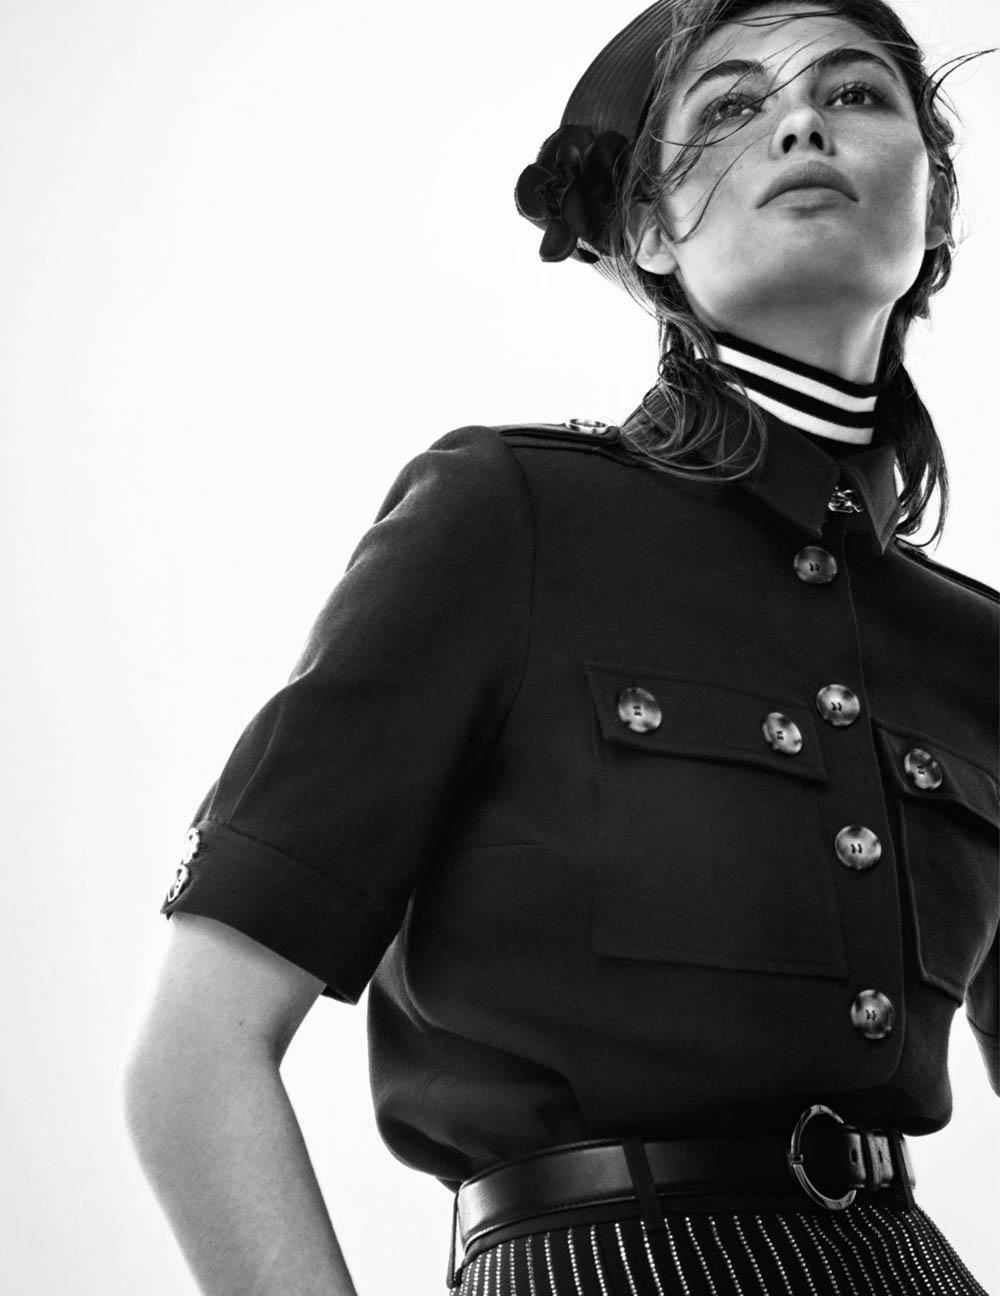 Grace Elizabeth by Christian MacDonald for Vogue Paris March 2020